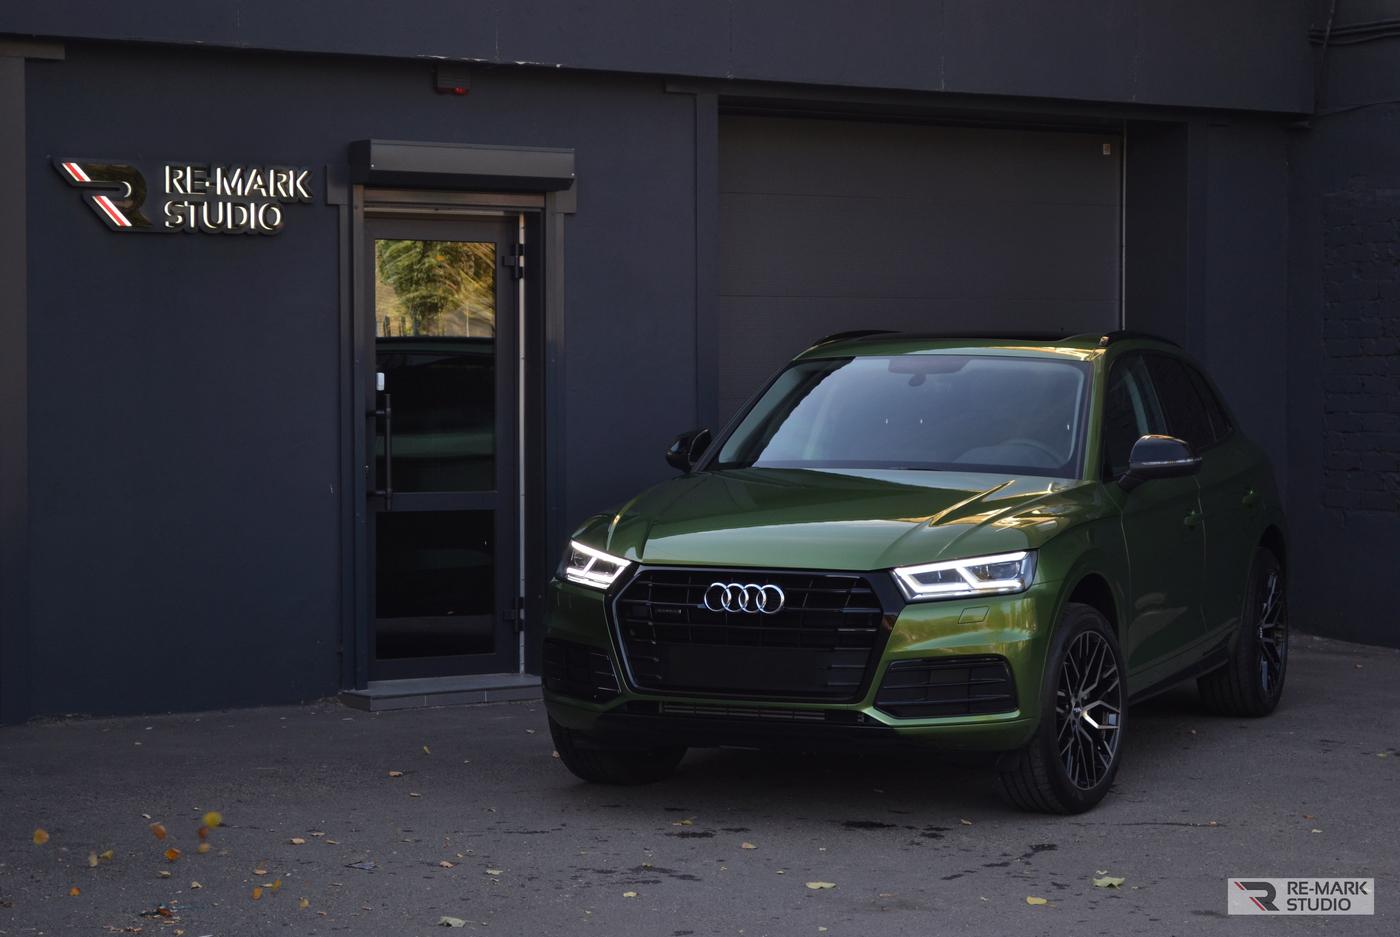 Смотреть на фото Audi Q5 после полной оклейки зеленым металликом Mamba Green.